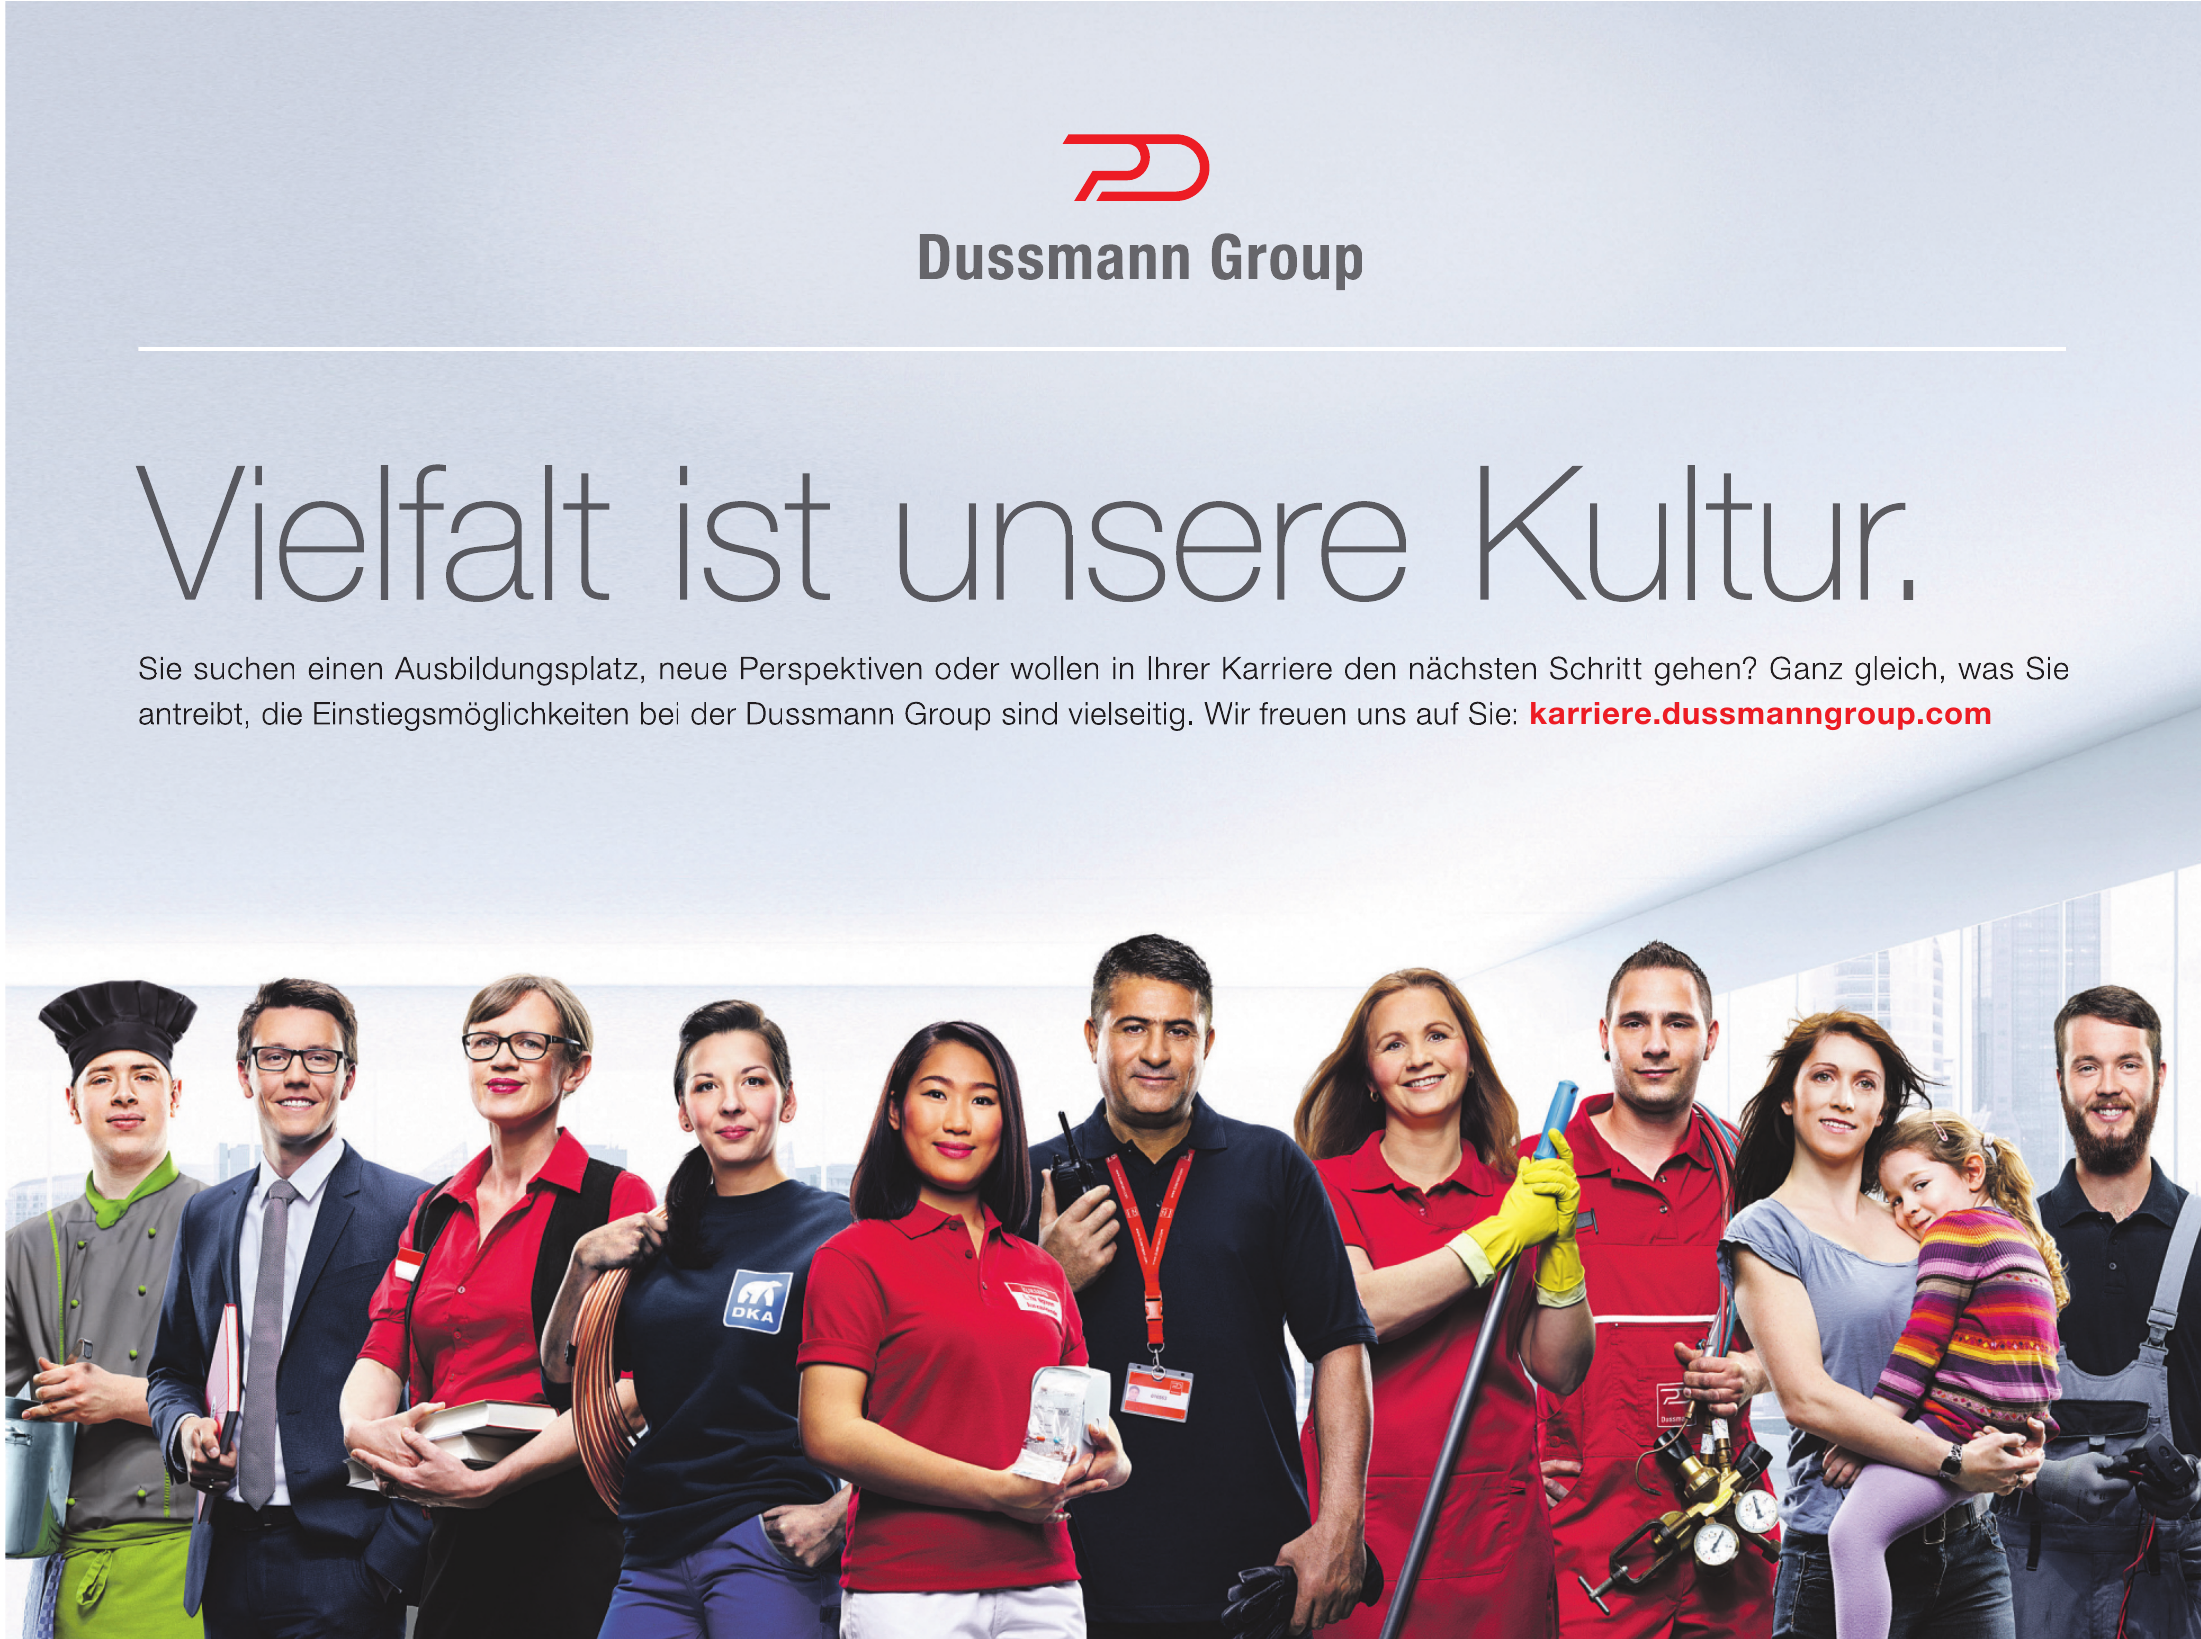 Dussmann Group